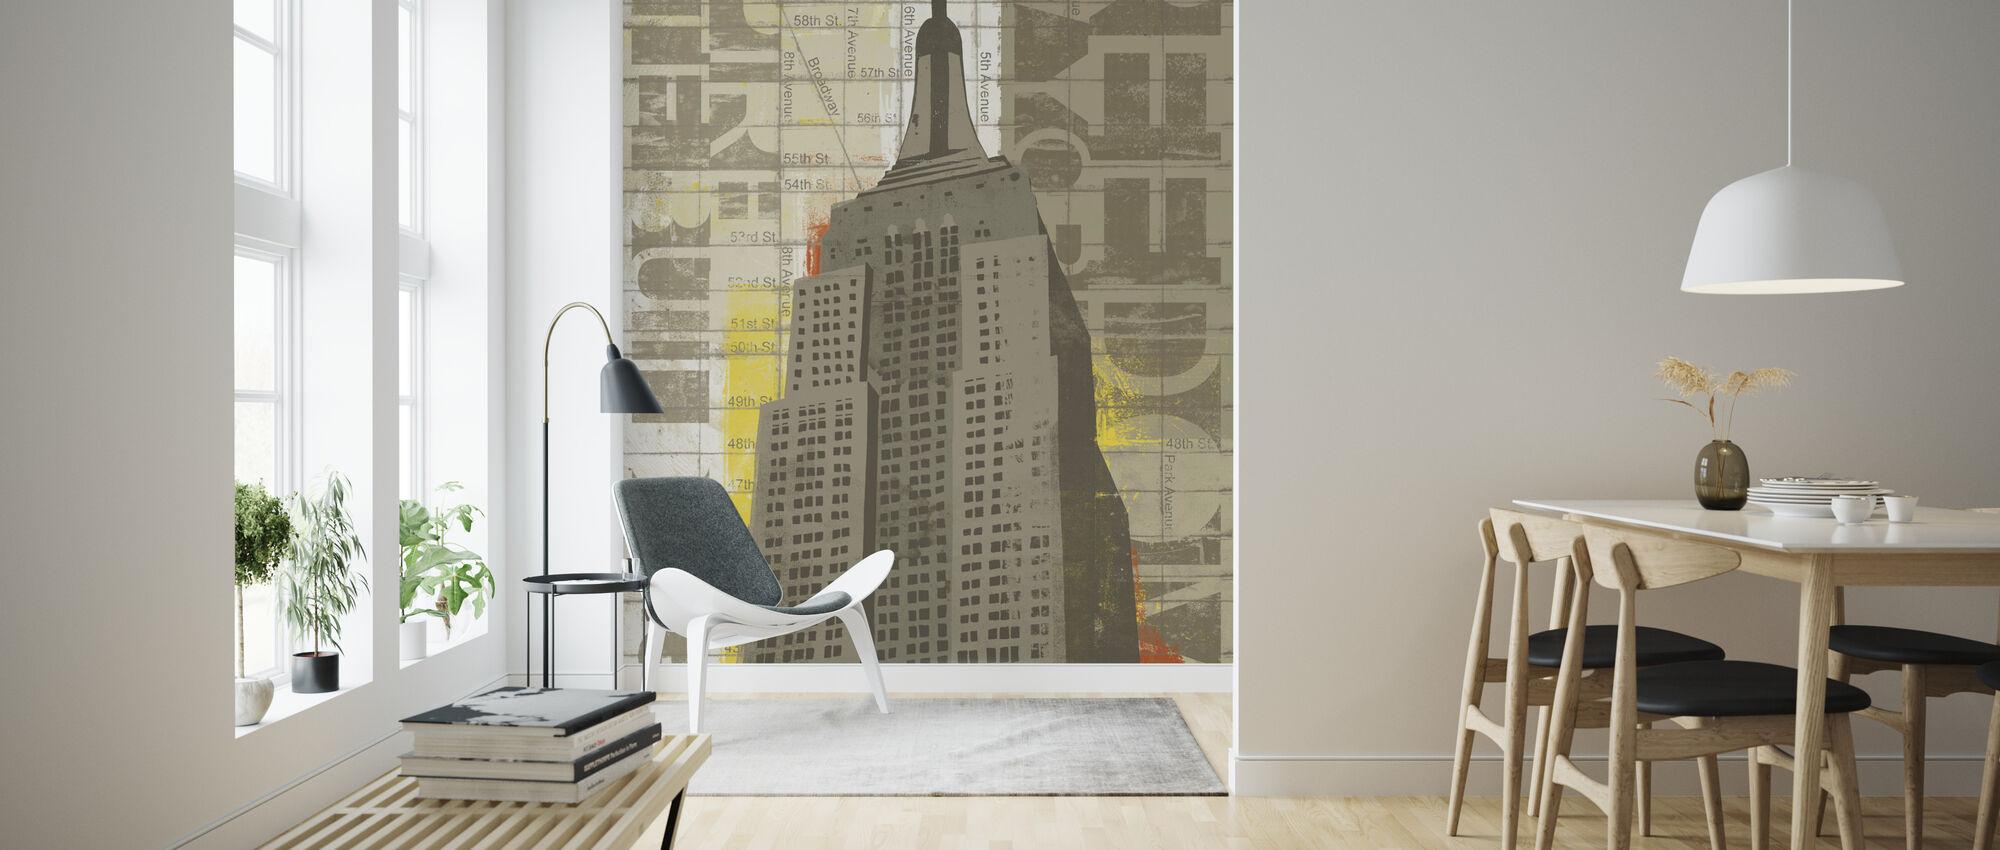 Freedom - Wallpaper - Living Room